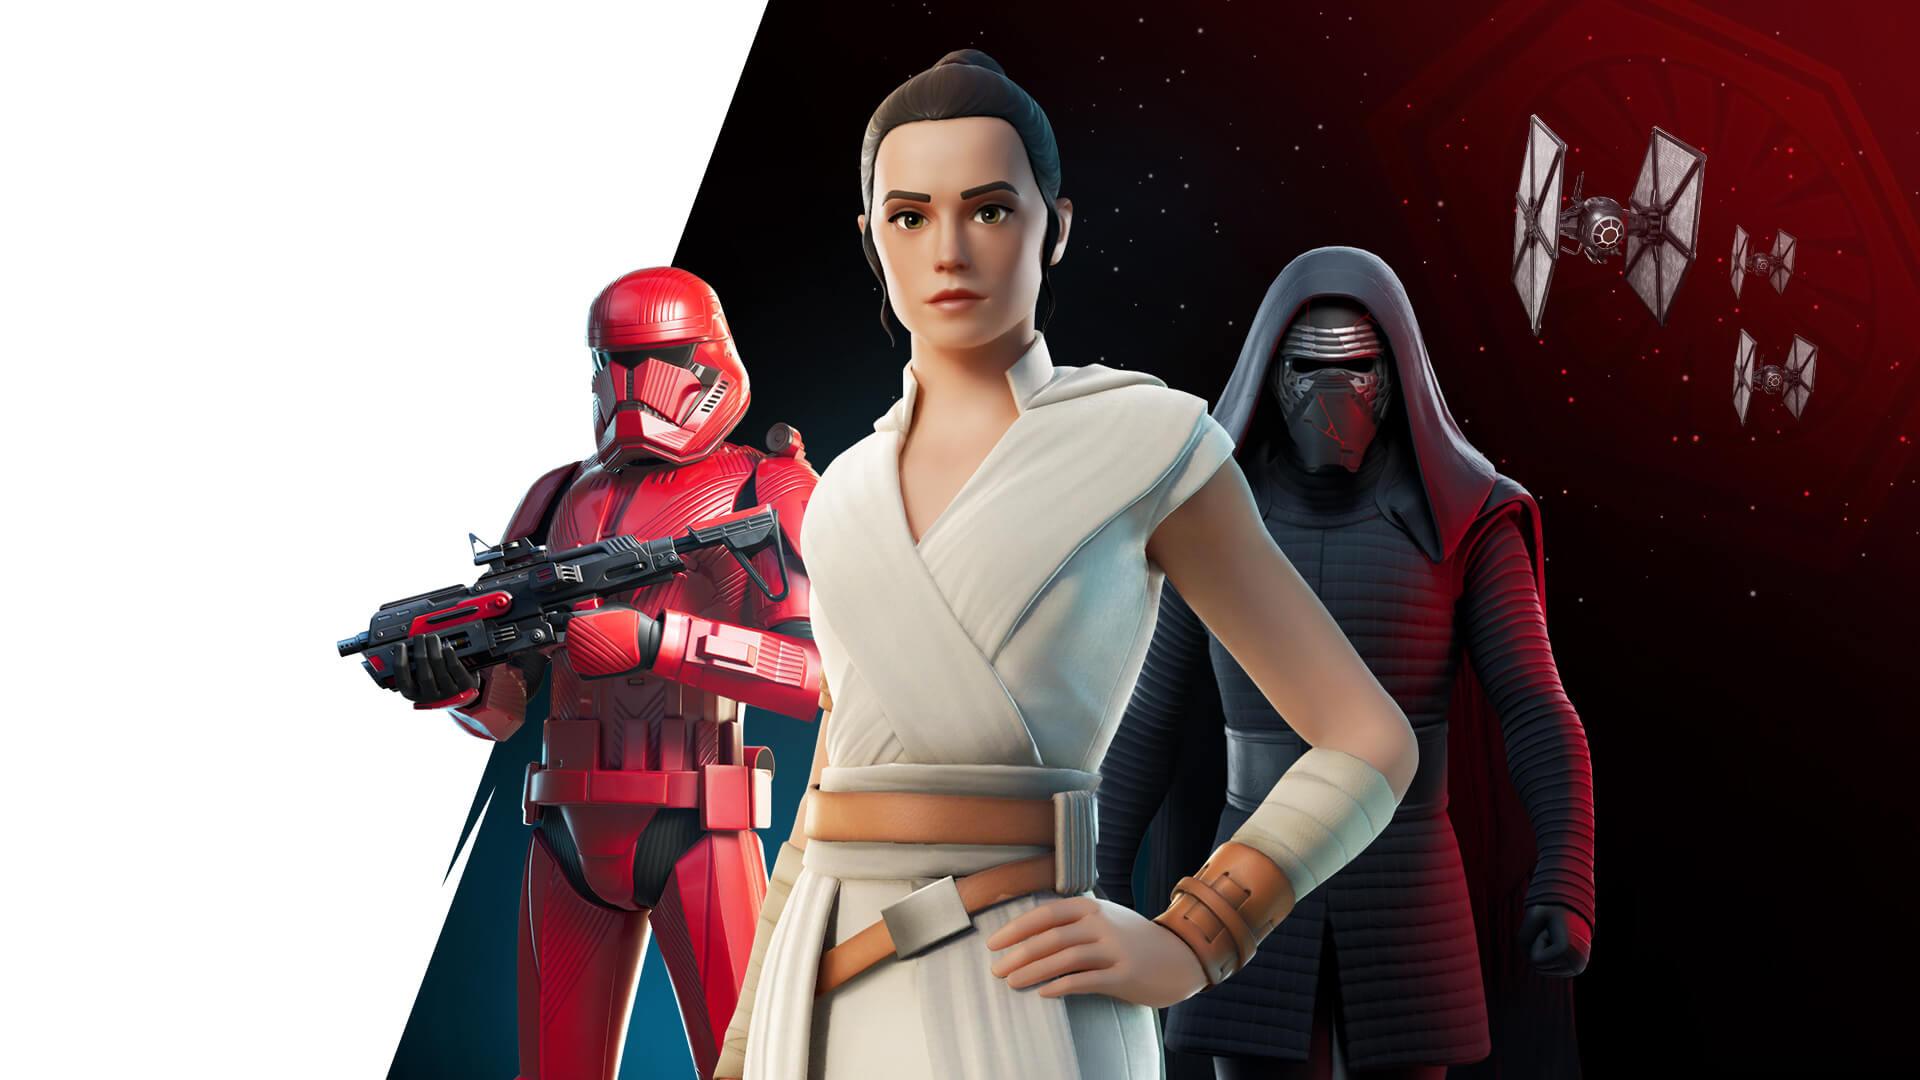 Над премиальной мобильной игрой по Star Wars трудятся авторы The Old Republic